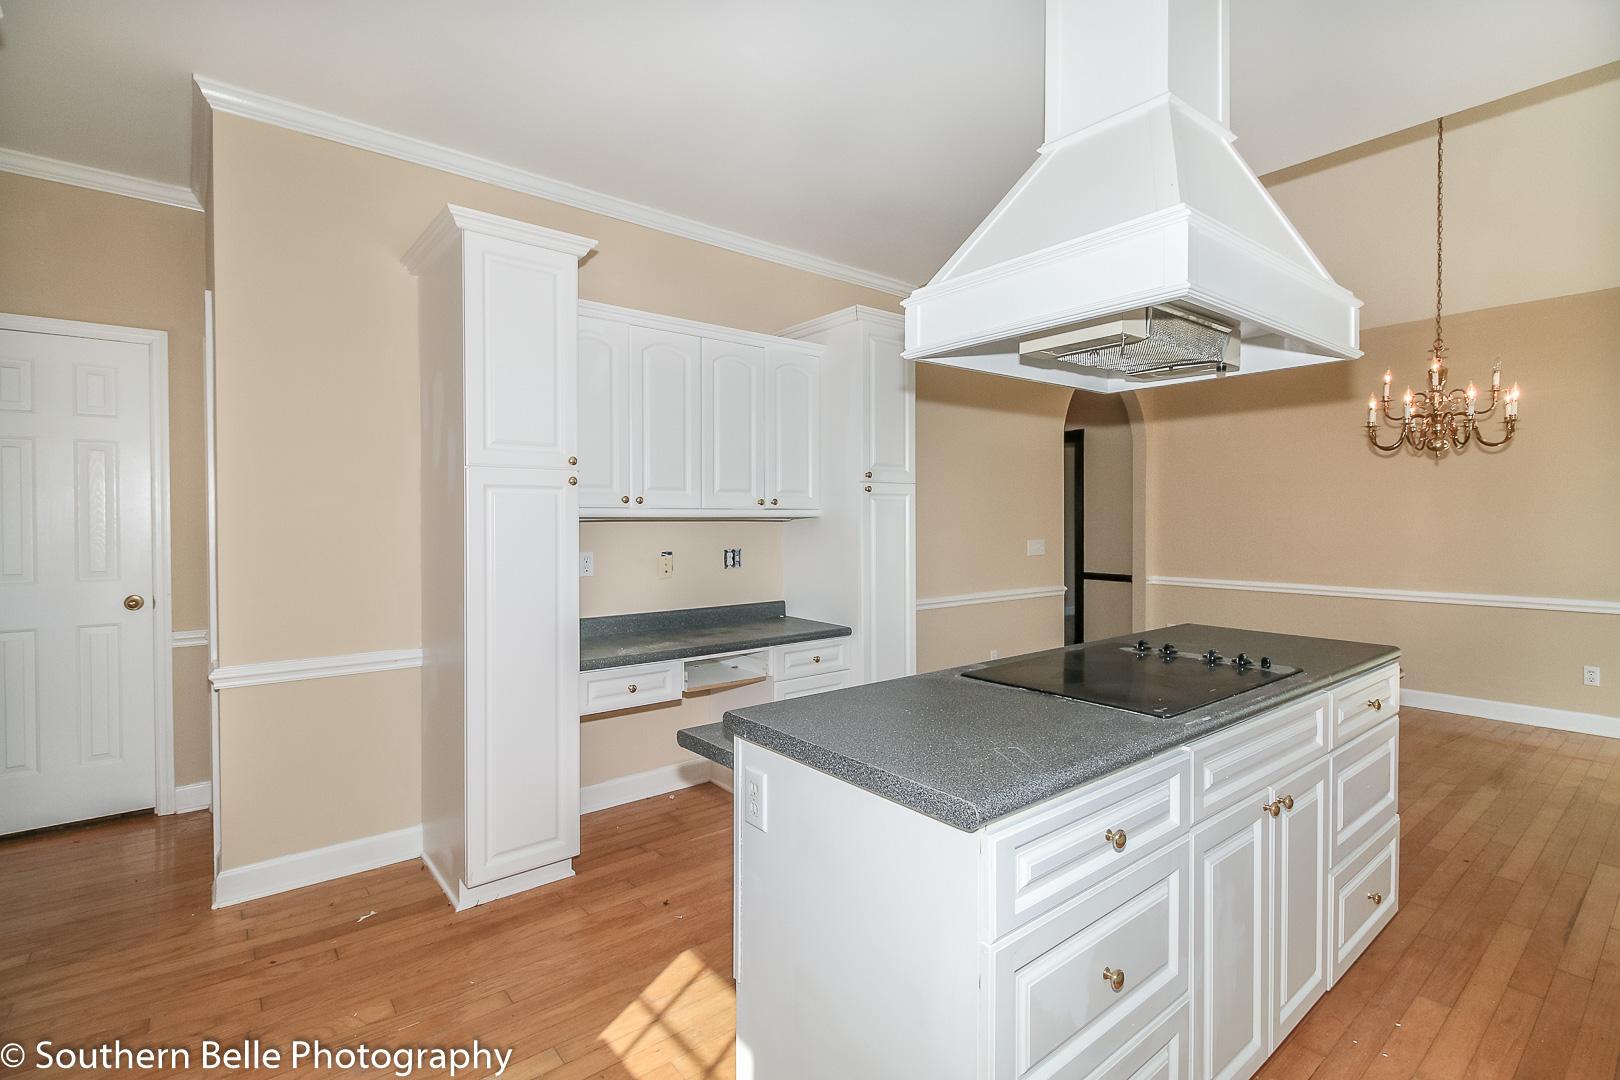 12. Kitchen & Dining Room View WM